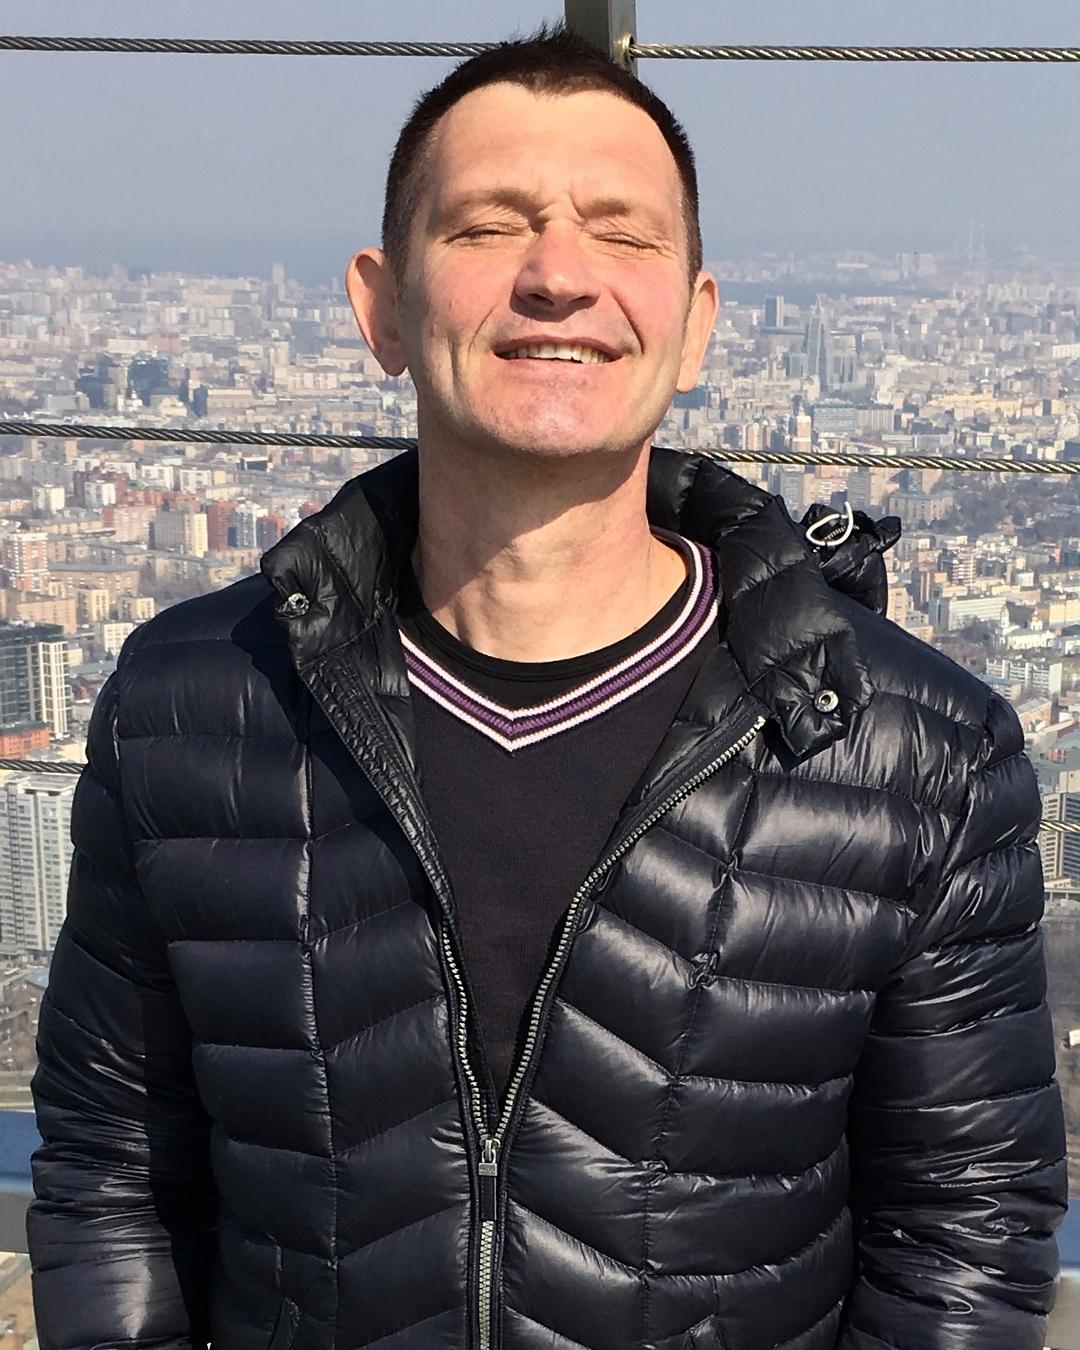 Иван Усачев: биография, личная жизнь, жена, дети